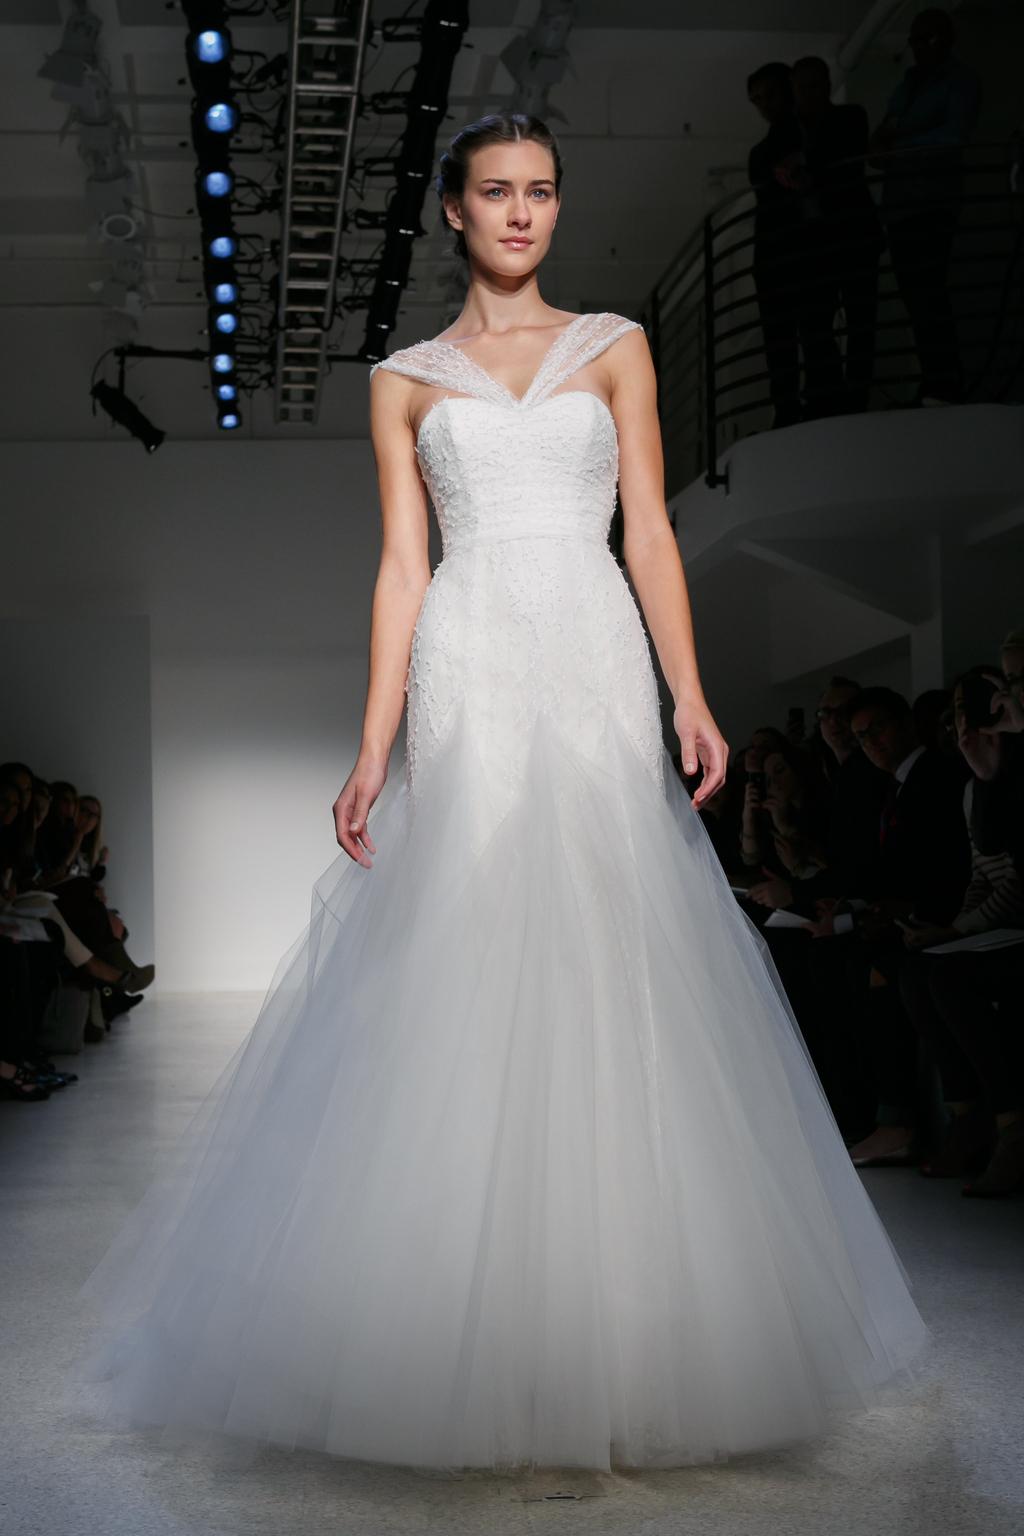 Fall-2013-wedding-dress-by-christos-amsale-bridal-7b.full